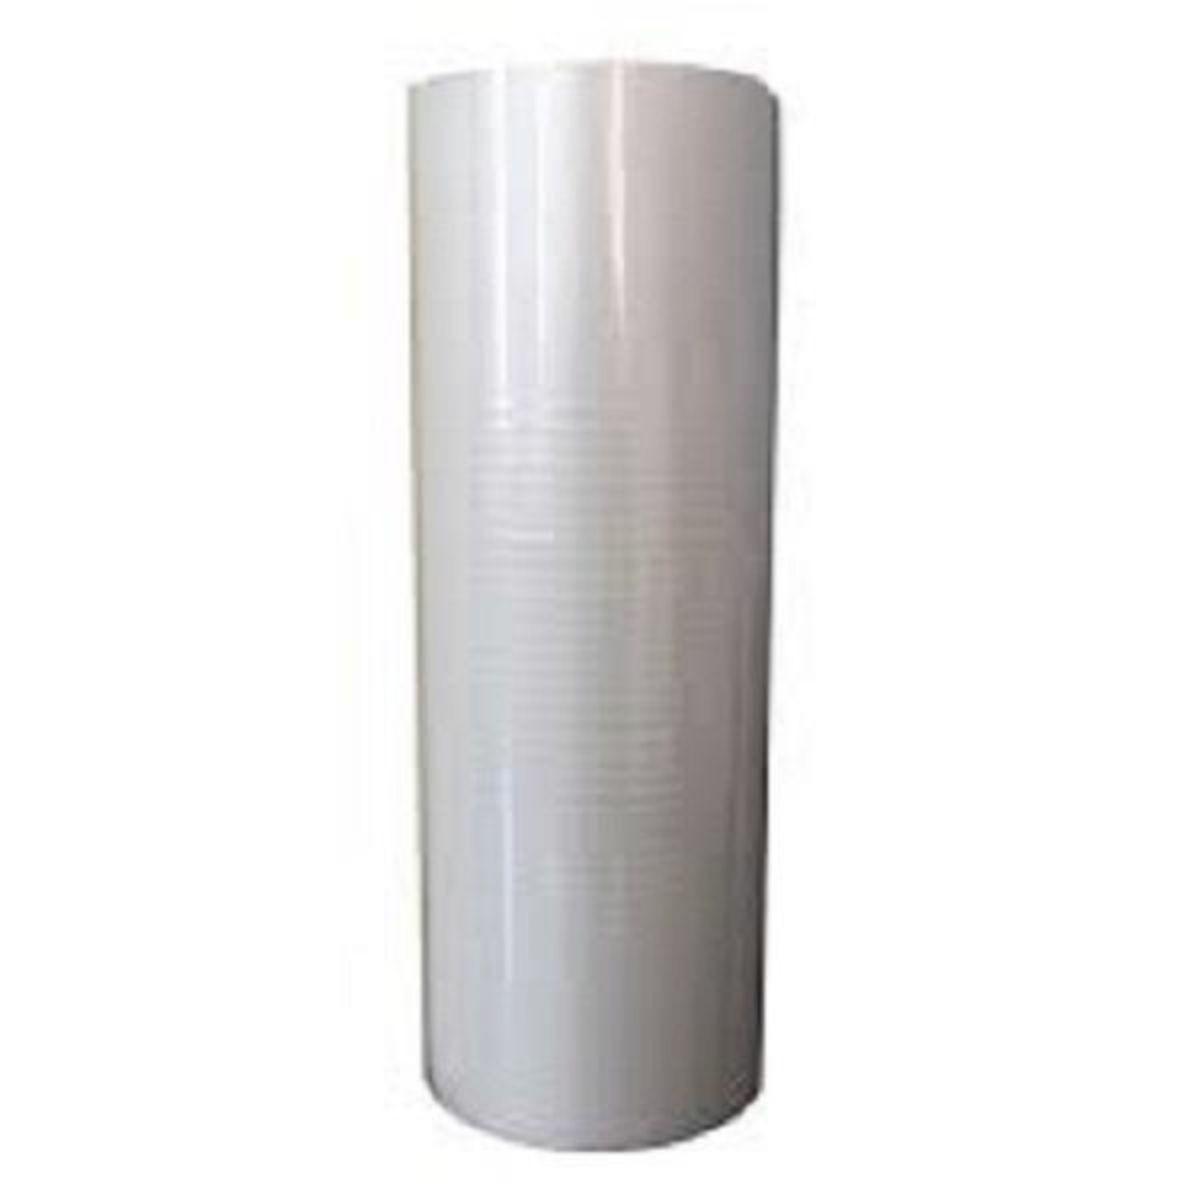 Bobina de BOPP para Laminação Brilho 48cm x 350M (24 micras)  - Click Suprimentos